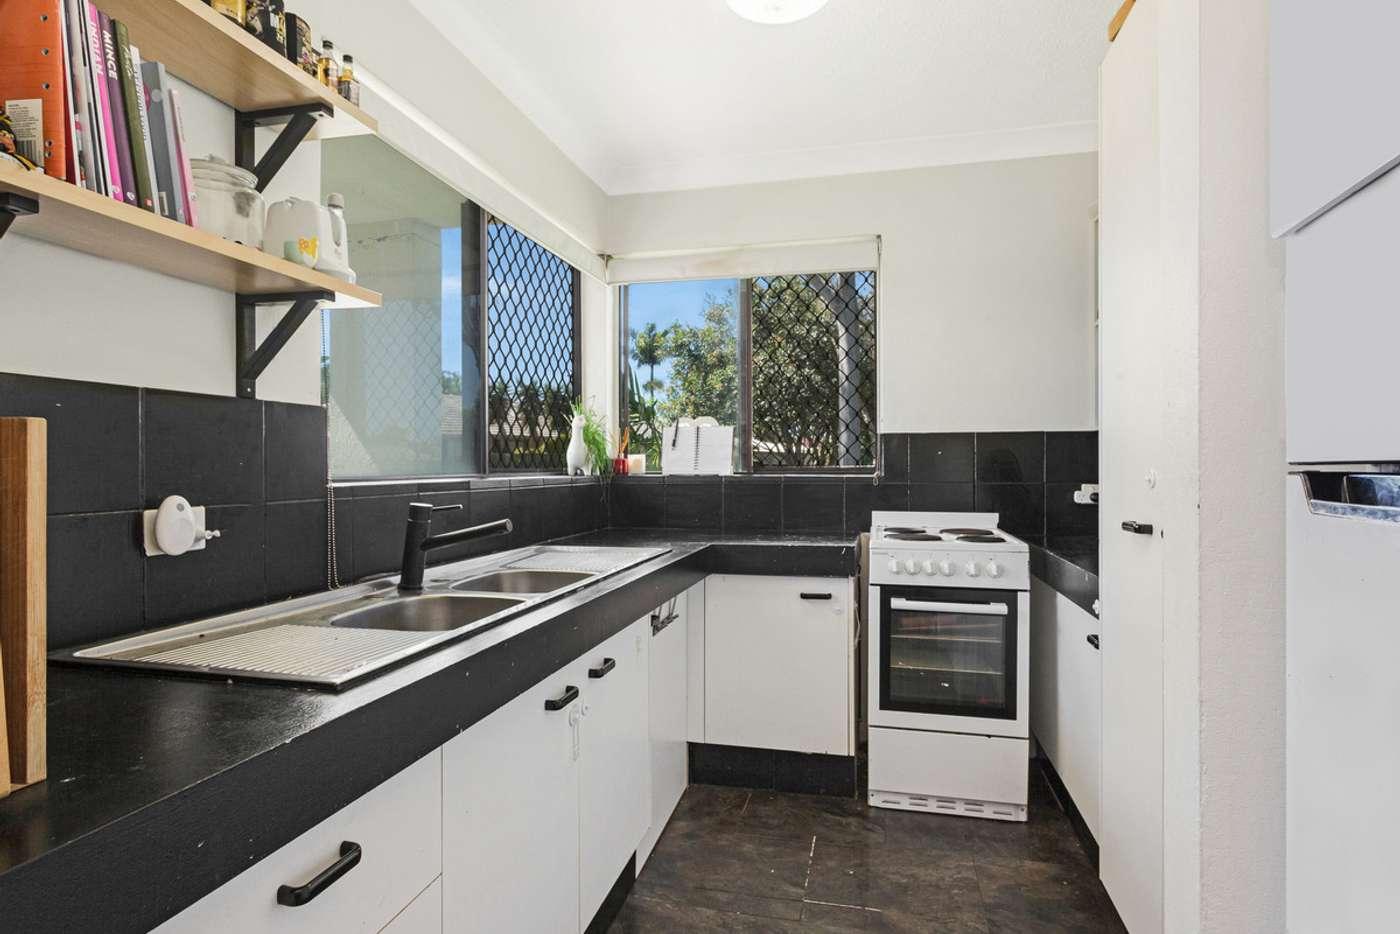 Sixth view of Homely townhouse listing, 2/39 Karbunya Street, Mermaid Waters QLD 4218